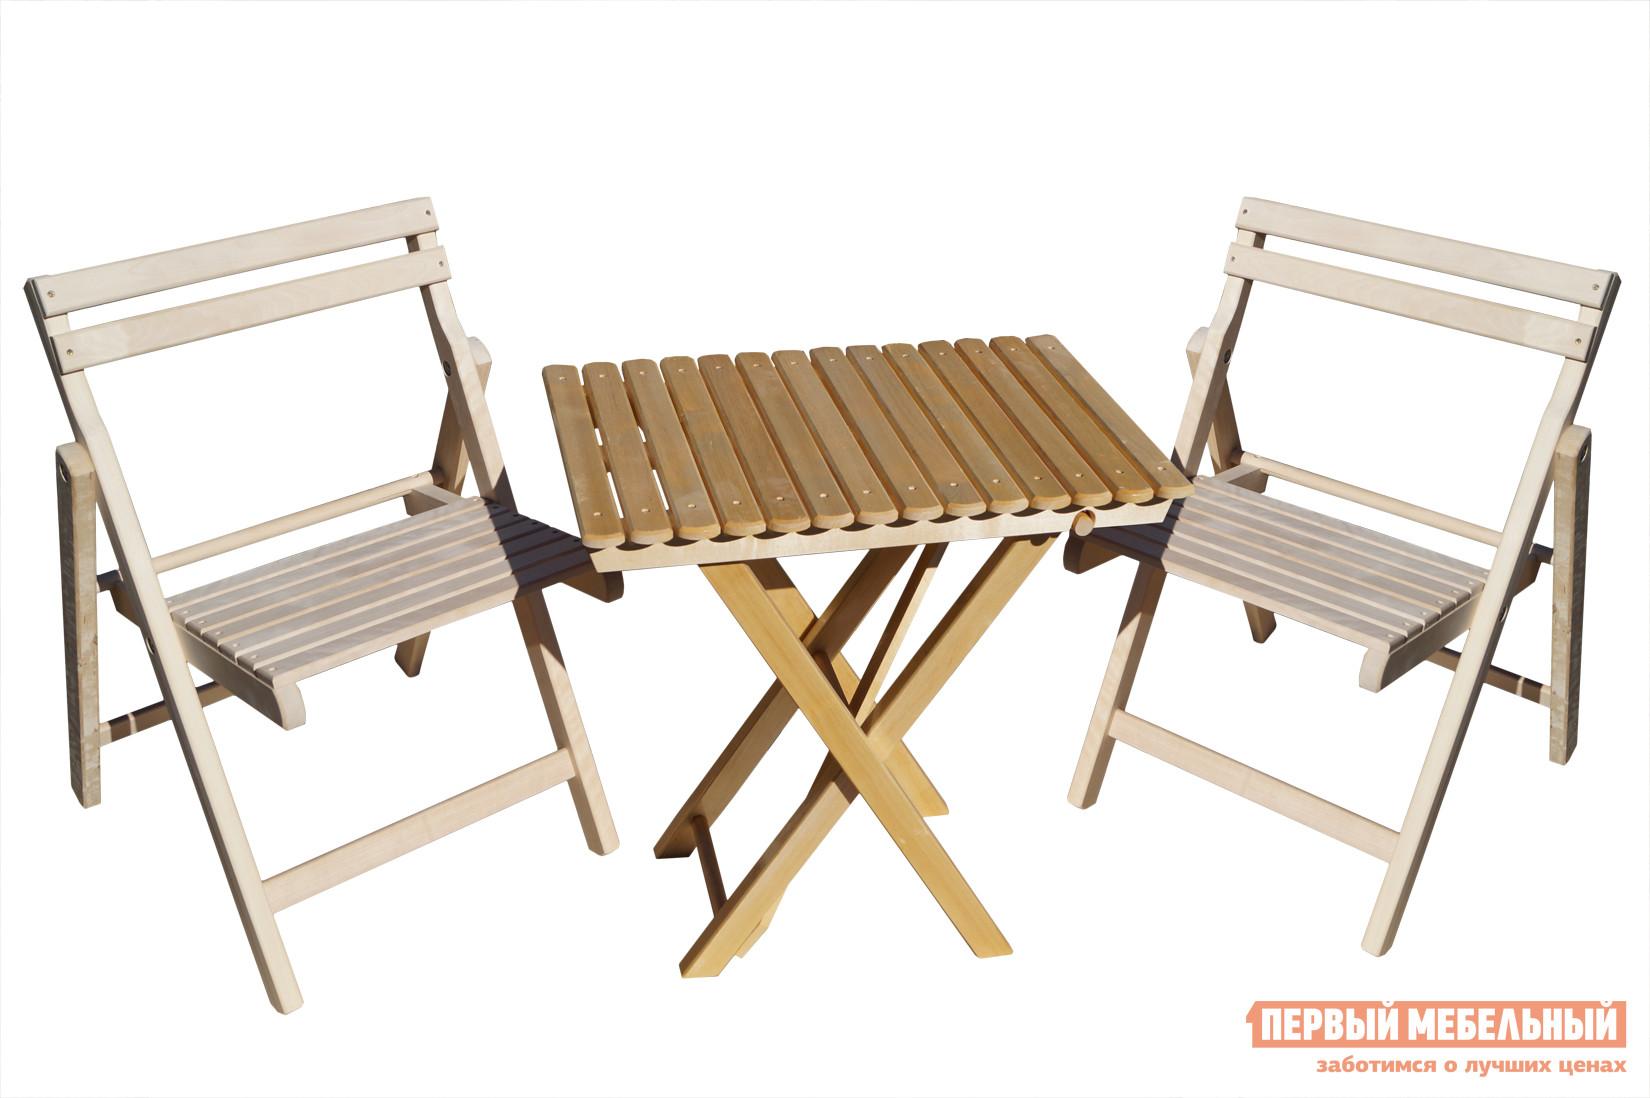 Комплект садовой мебели СМКА СМ008Б + СМ046Б БерезаКомплекты садовой мебели<br>Габаритные размеры ВхШхГ xx мм. Если вы давно искали простой и мобильный набор для отдыха на природе, то комплект складной садовой мебели «Ударник-1» — то, что вам нужно.  Изделия изготавливаются из массива крепкого и пластичного дерева — березы.  Стол дополнительно покрывается лаком, чтобы ни дождь, ни солнце, ни пролитые напитки не смогли испортить поверхность.  А стулья предоставляют свободу вашей фантазии, ведь благодаря тому, что они ничем не покрыты, их можно покрасить в любой цвет или покрыть масляной пропиткой, которая раскроет всю красоту натурального дерева.  Стол в разложенном виде имеет размеры (ВхШхГ): 650 х 600 х 450, а в сложенном 800 х 600 х 60 мм.  Стулья в сложенном виде имеют размер (ВхШхГ): 850 х 500 х 80 мм.  Такая компактность позволяет хранить и транспортировать набор «Ударник-1» без хлопот.<br><br>Цвет: Светлое дерево<br>Кол-во упаковок: 3<br>Форма поставки: В собранном виде<br>Срок гарантии: 1 год<br>Тип: Со стульями<br>Материал: Массив дерева<br>Вместимость: На 2 персоны<br>С подлокотниками: Да